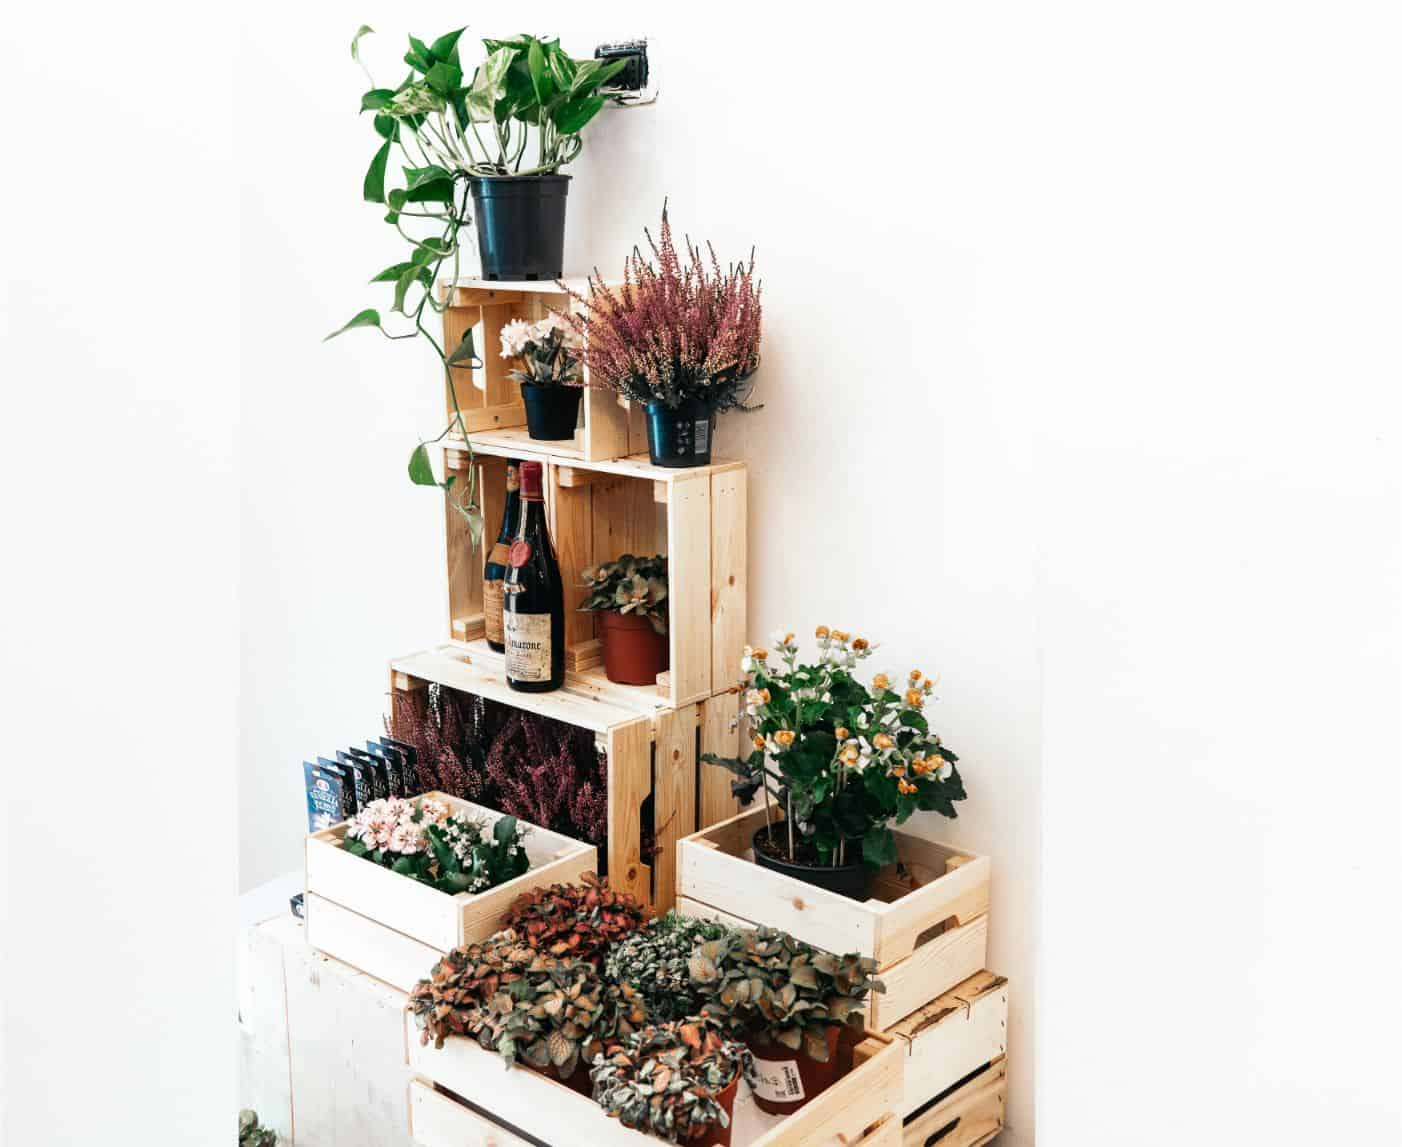 9-best-recycled-crafts-8-pallet-shelves-unsplash